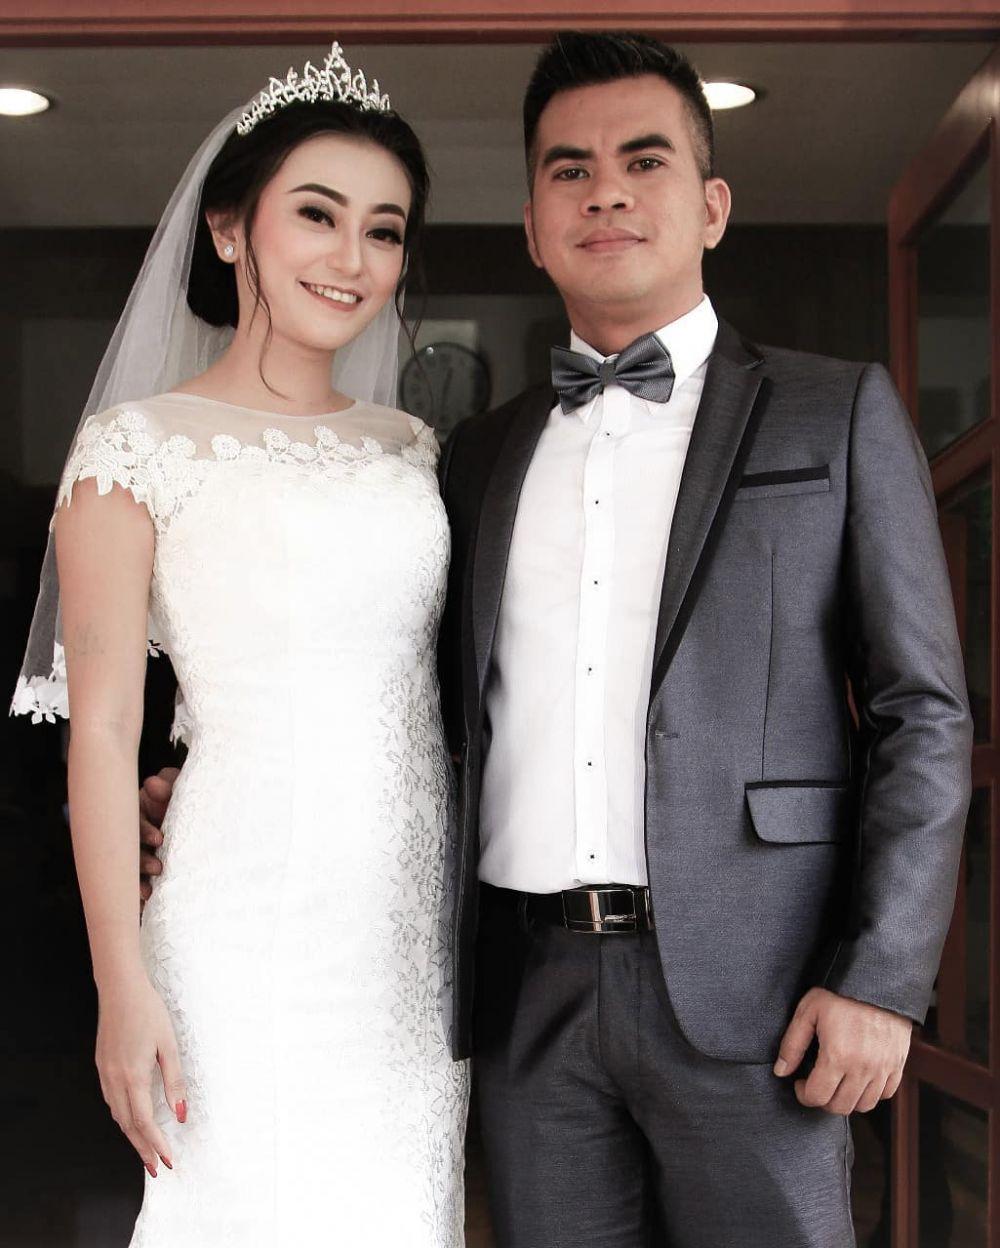 chagii dan suami © 2019 brilio.net